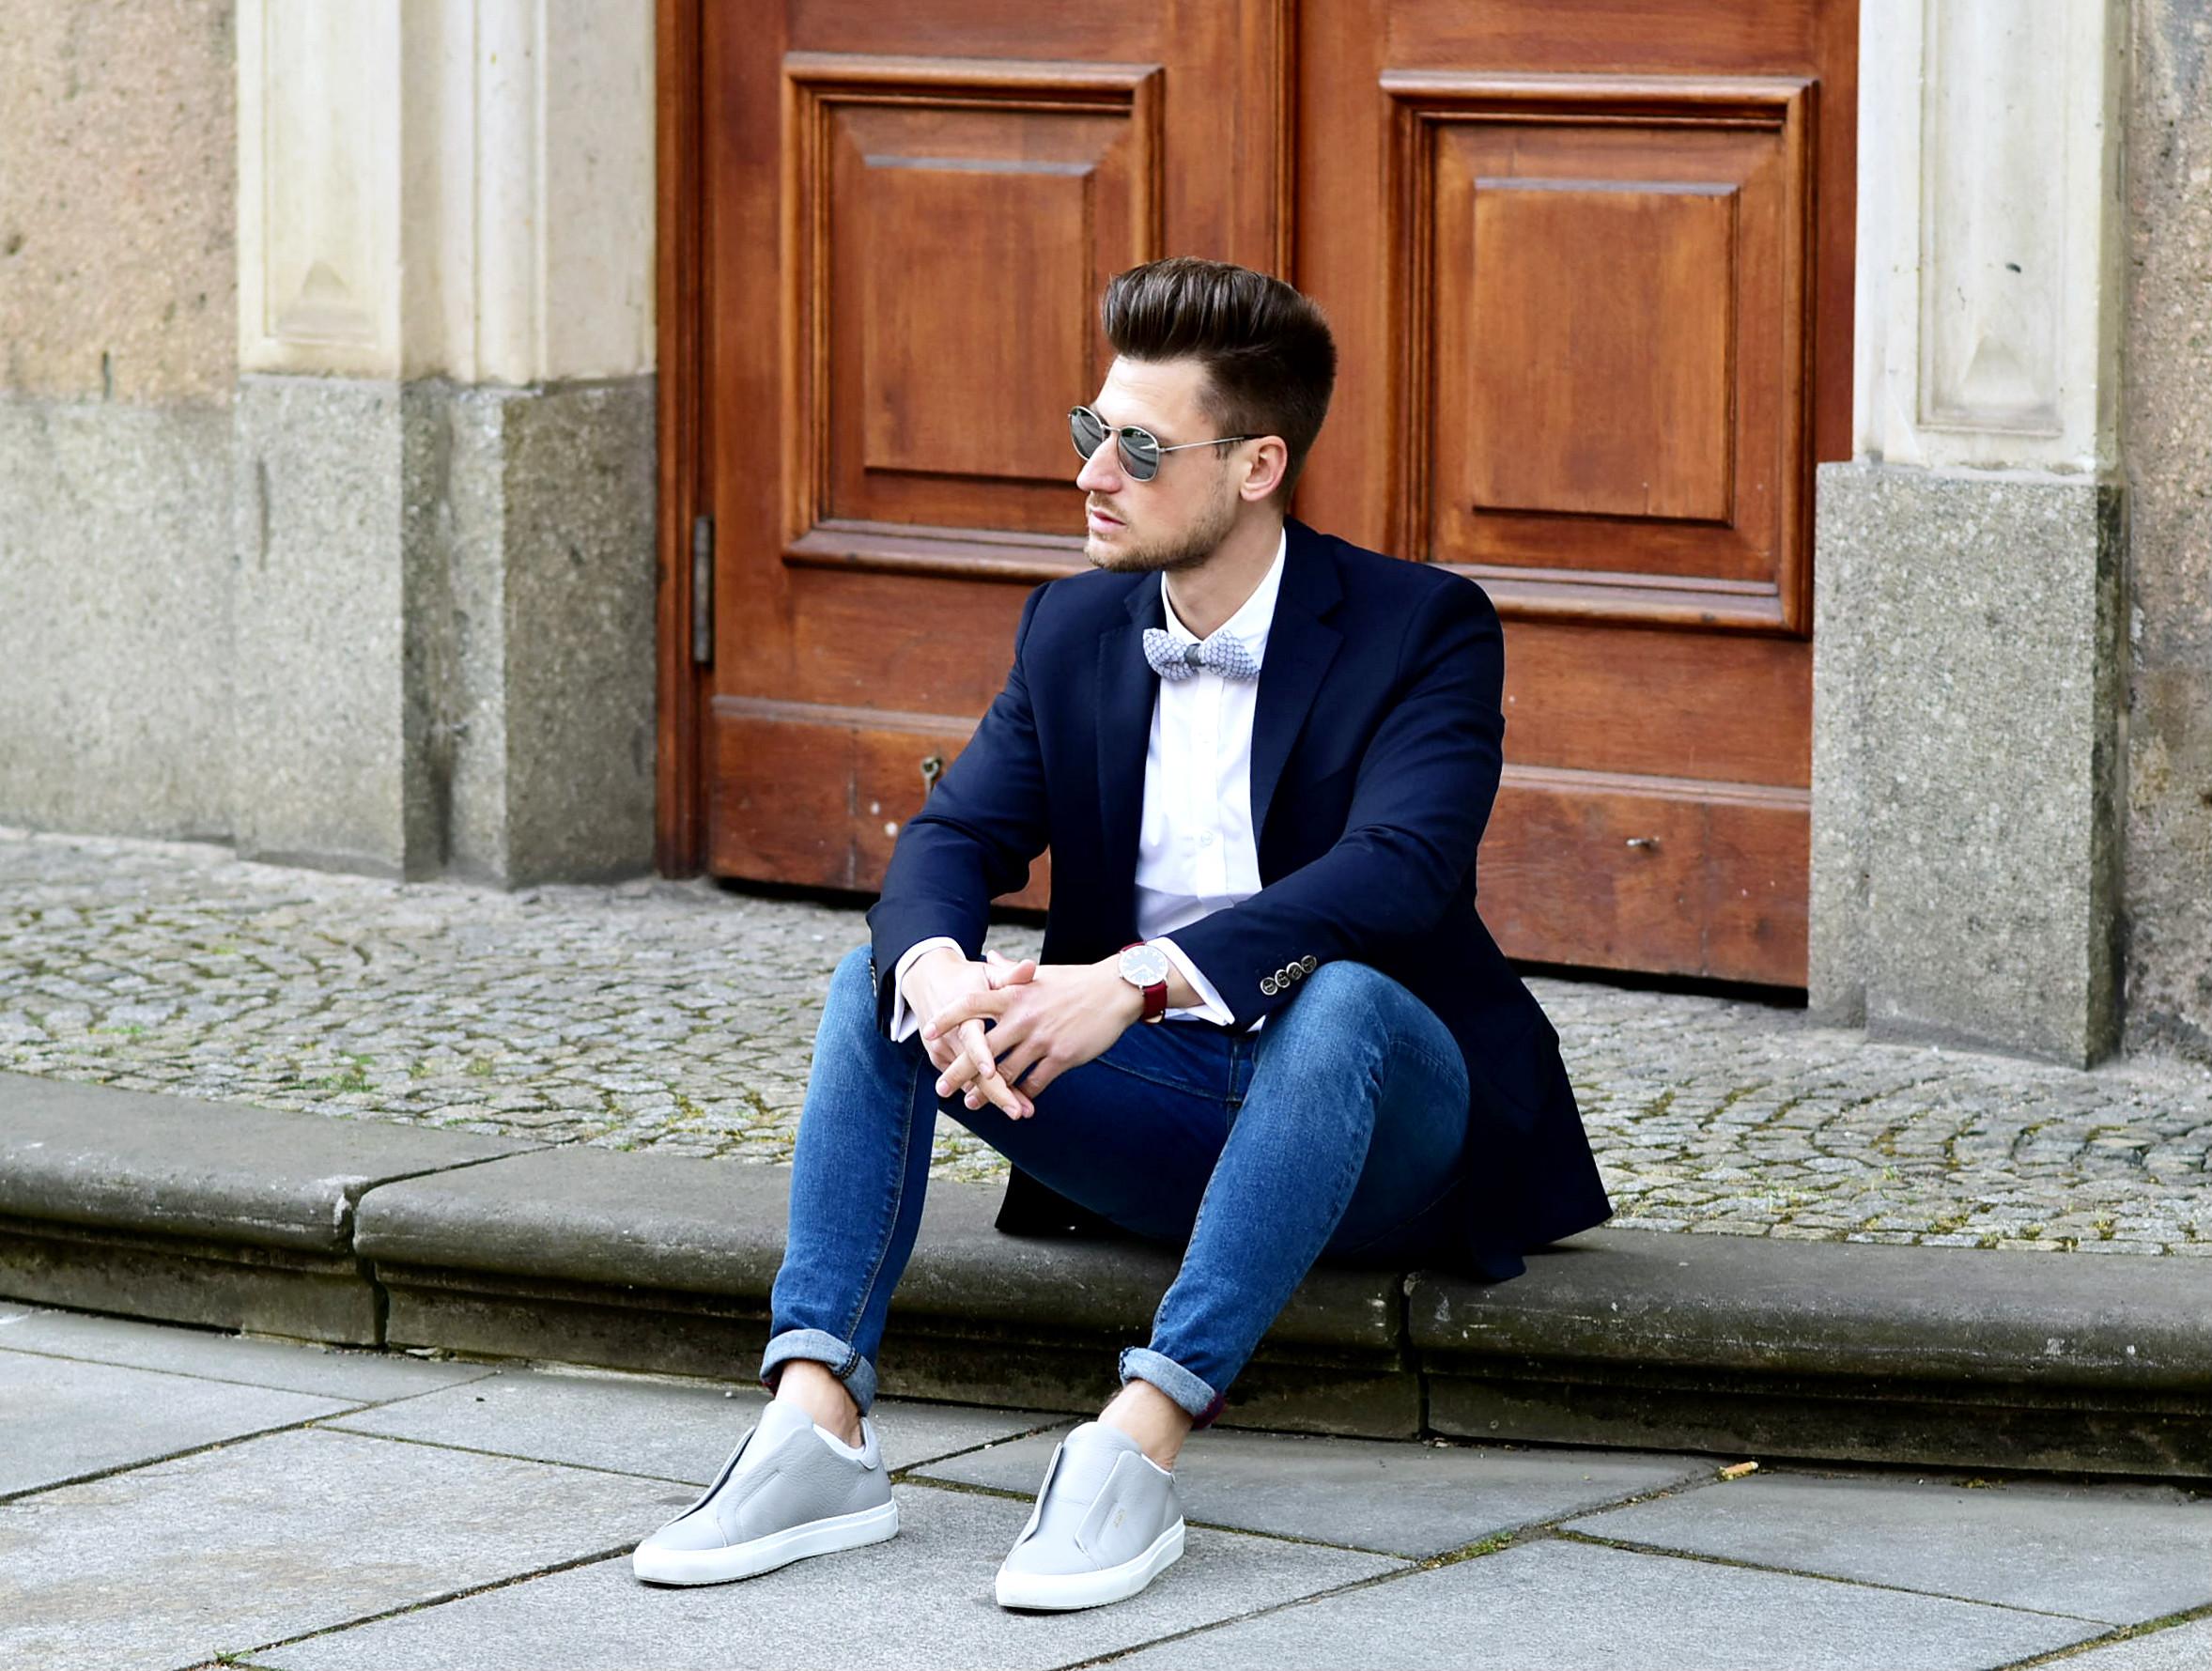 Tommeezjerry-Styleblog-Männerblog-Männer-Modeblog-Berlin-Berlinblog-Outfit-Classy-Chic-Bowtie-Blazer-Axel-Arigato-Blogger-Award-Hashmag-Hamburg